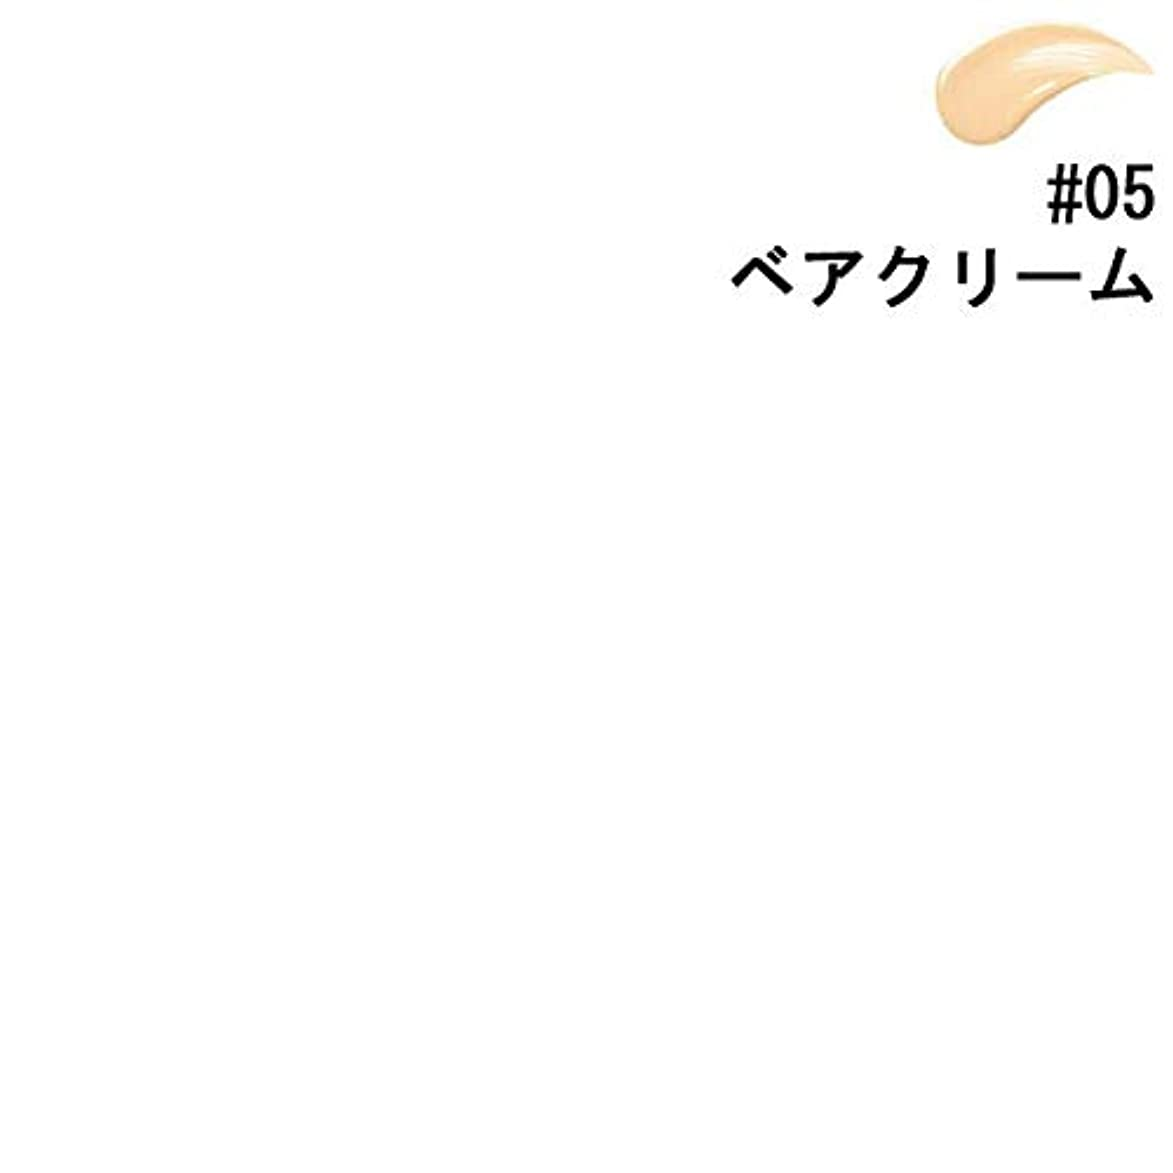 キャプテンブライほぼなだめる【ベアミネラル】ベアミネラル ベア ファンデーション #05 ベアクリーム 30ml [並行輸入品]